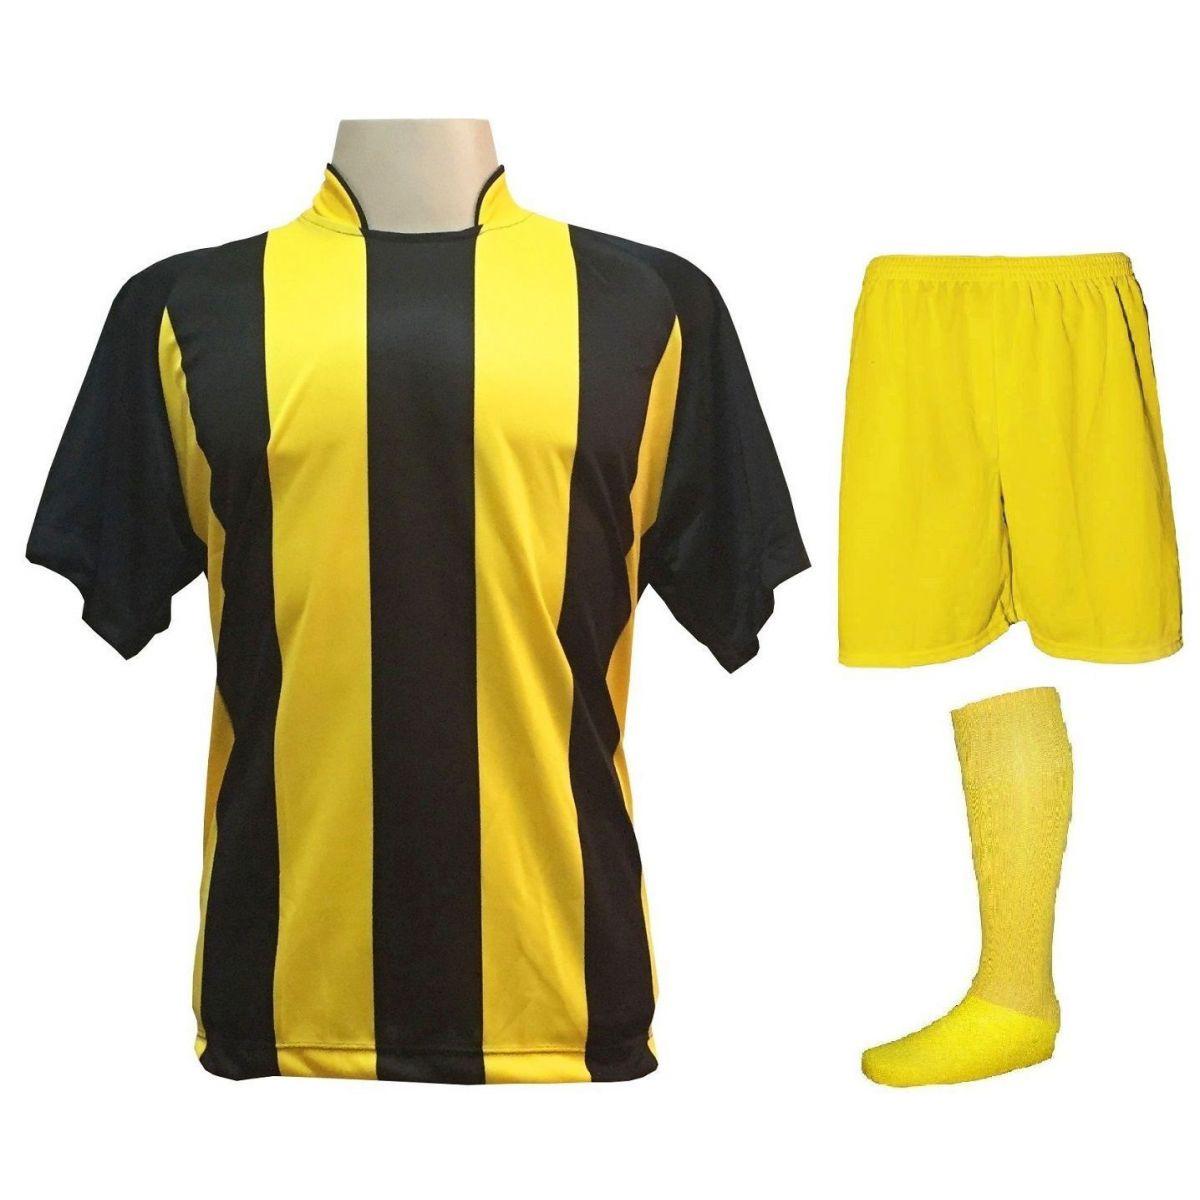 Uniforme Esportivo com 18 camisas modelo Milan Preto/Amarelo + 18 calções modelo Madrid Amarelo + 18 pares de meiões Amarelo